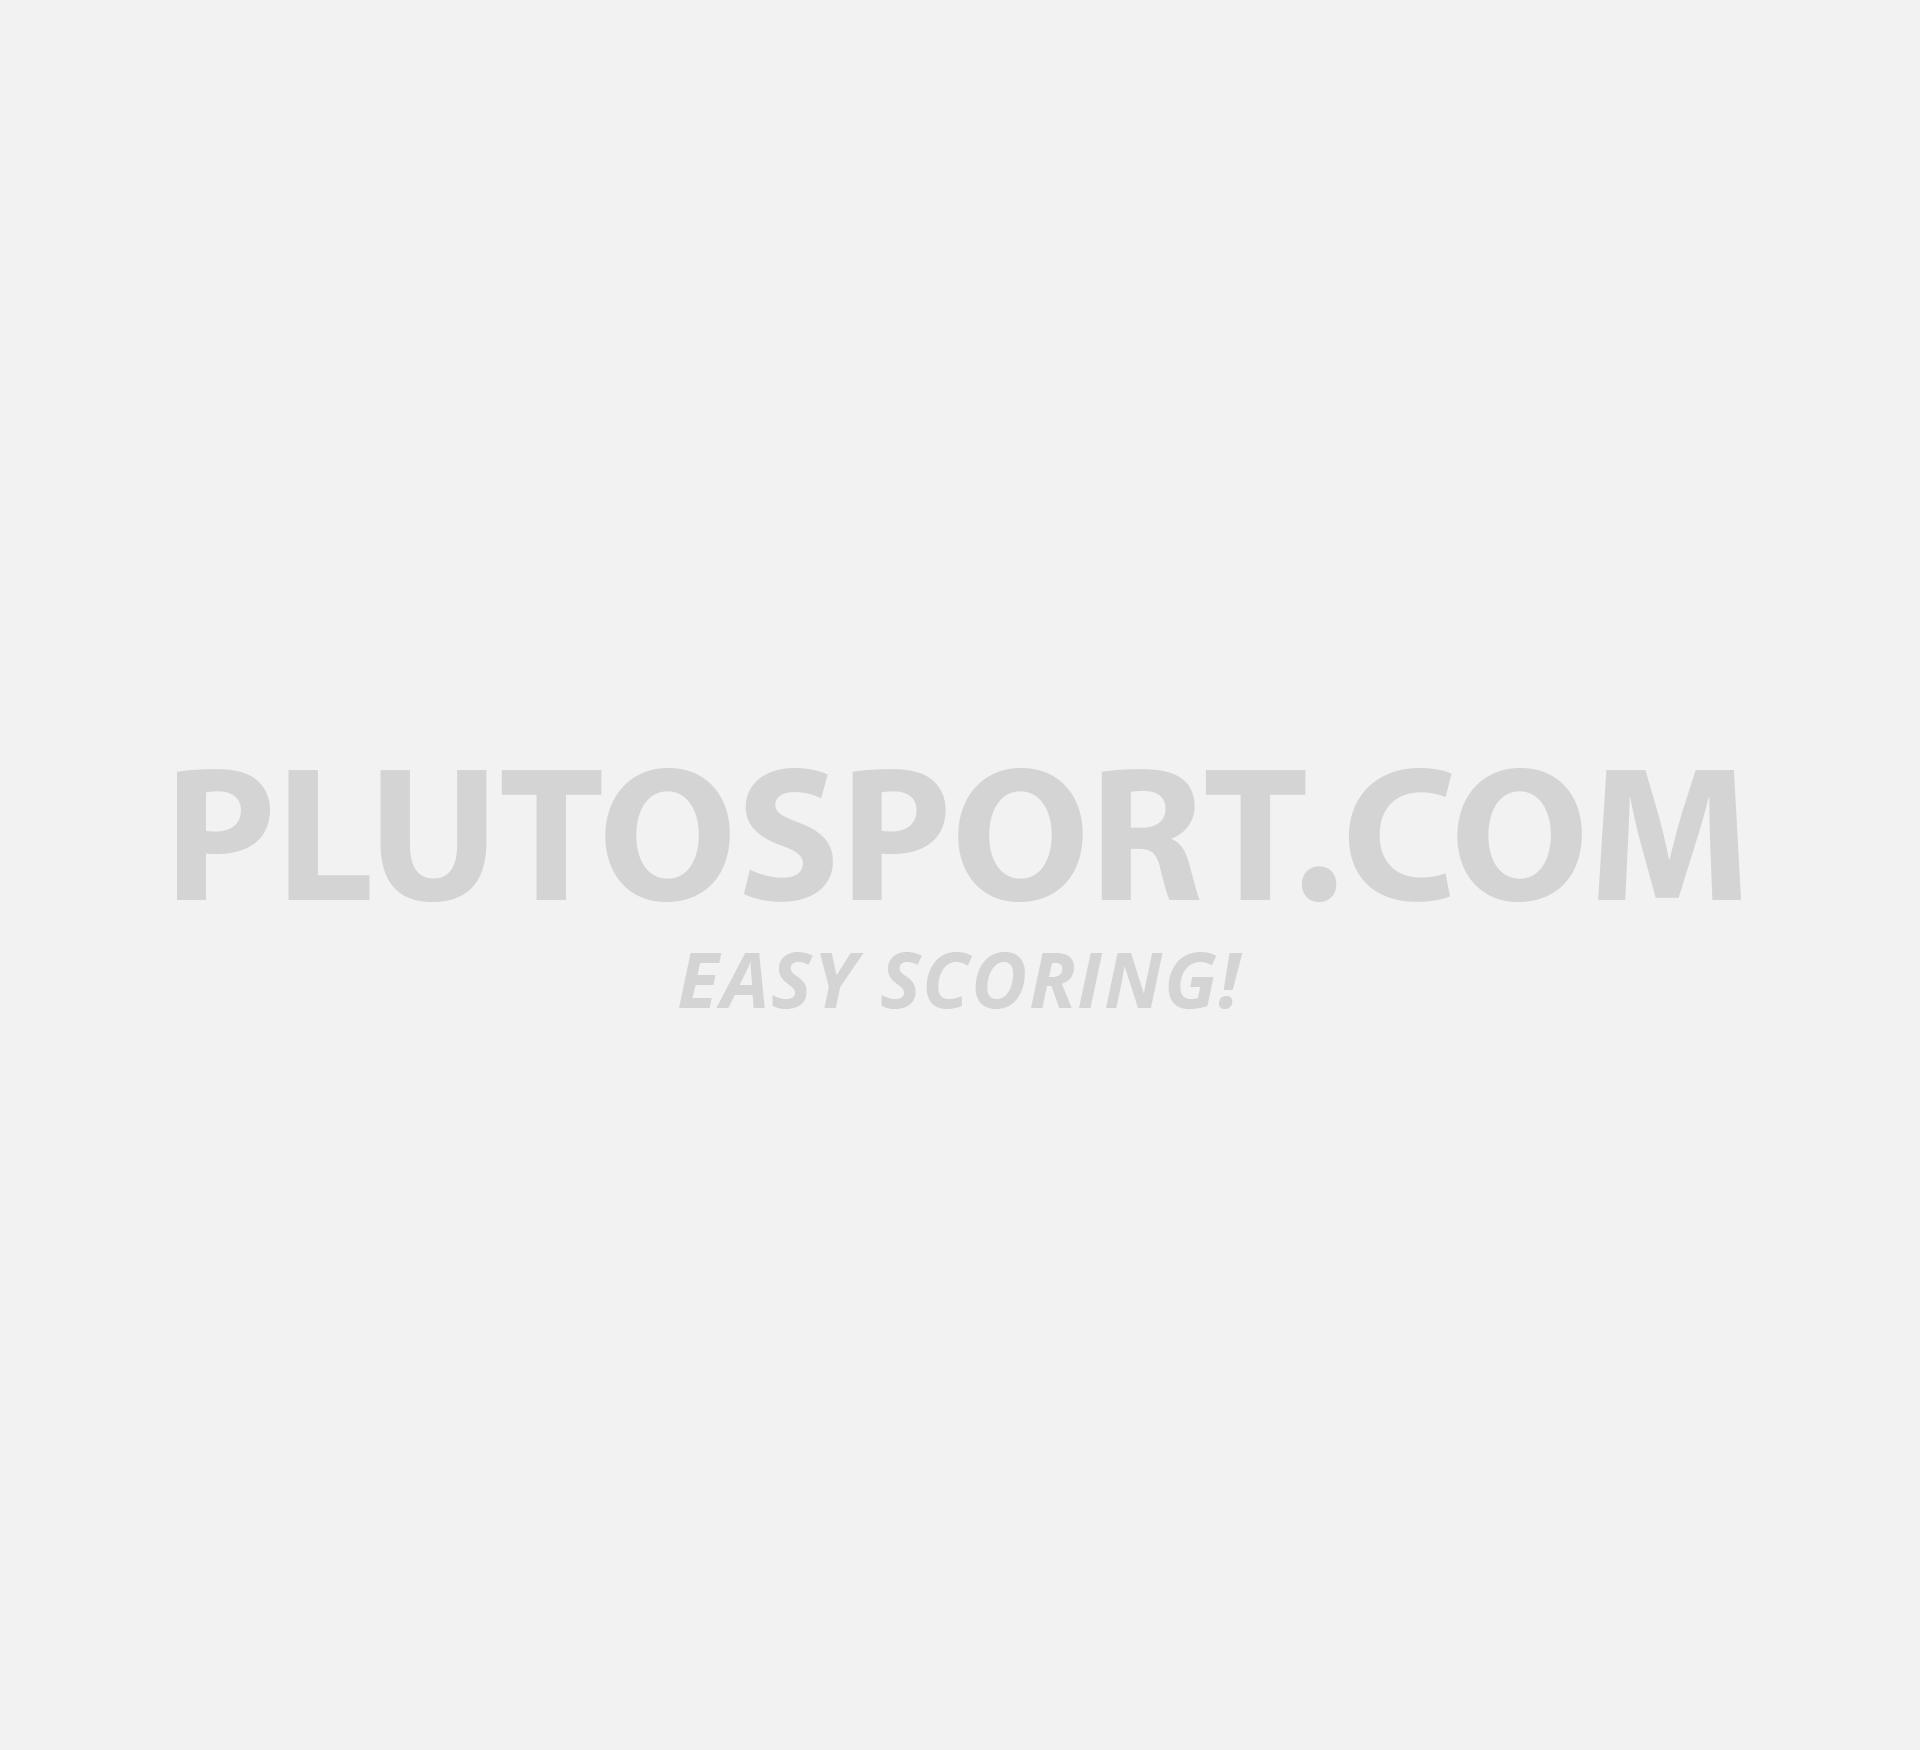 Speedo Aquapulse Max Mirror 2 - Goggles - Accessories - Swimming - Sports  3562b31d7f